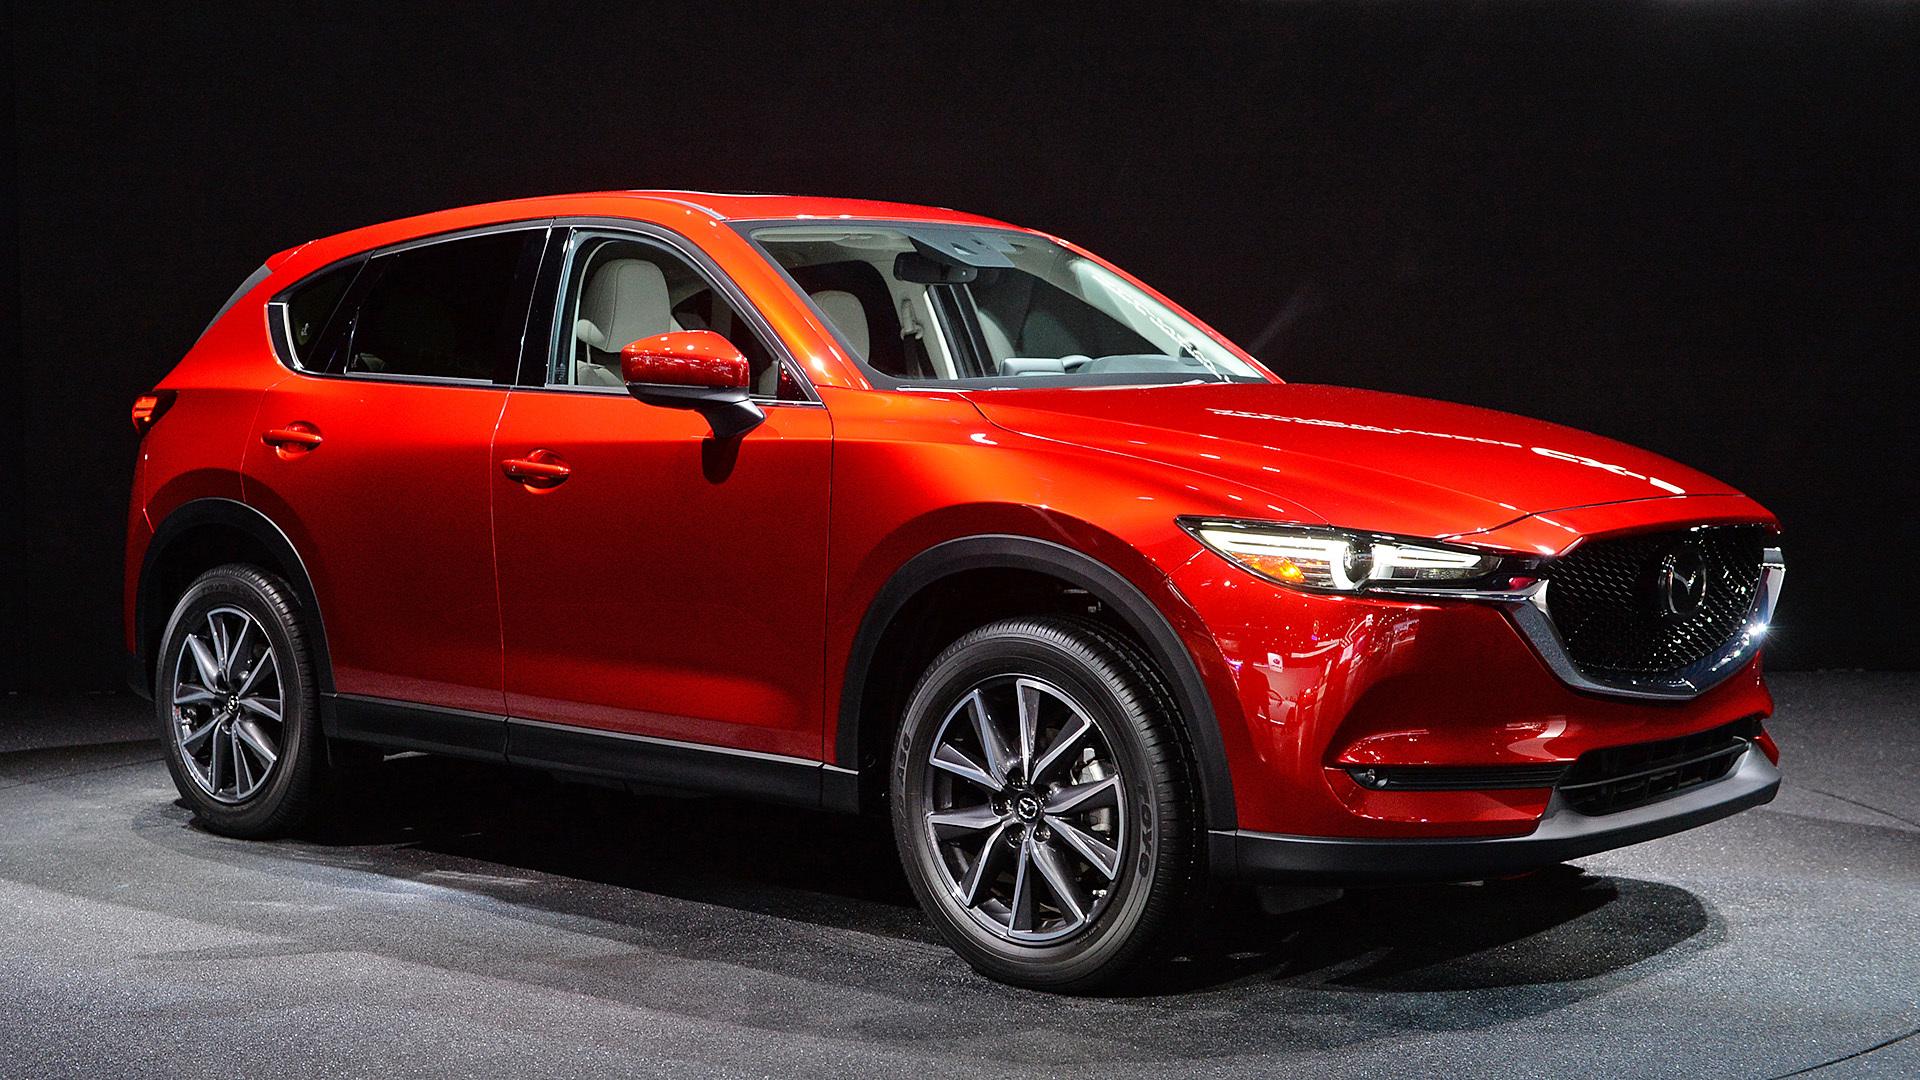 Kelebihan Kekurangan Mazda 2017 Top Model Tahun Ini